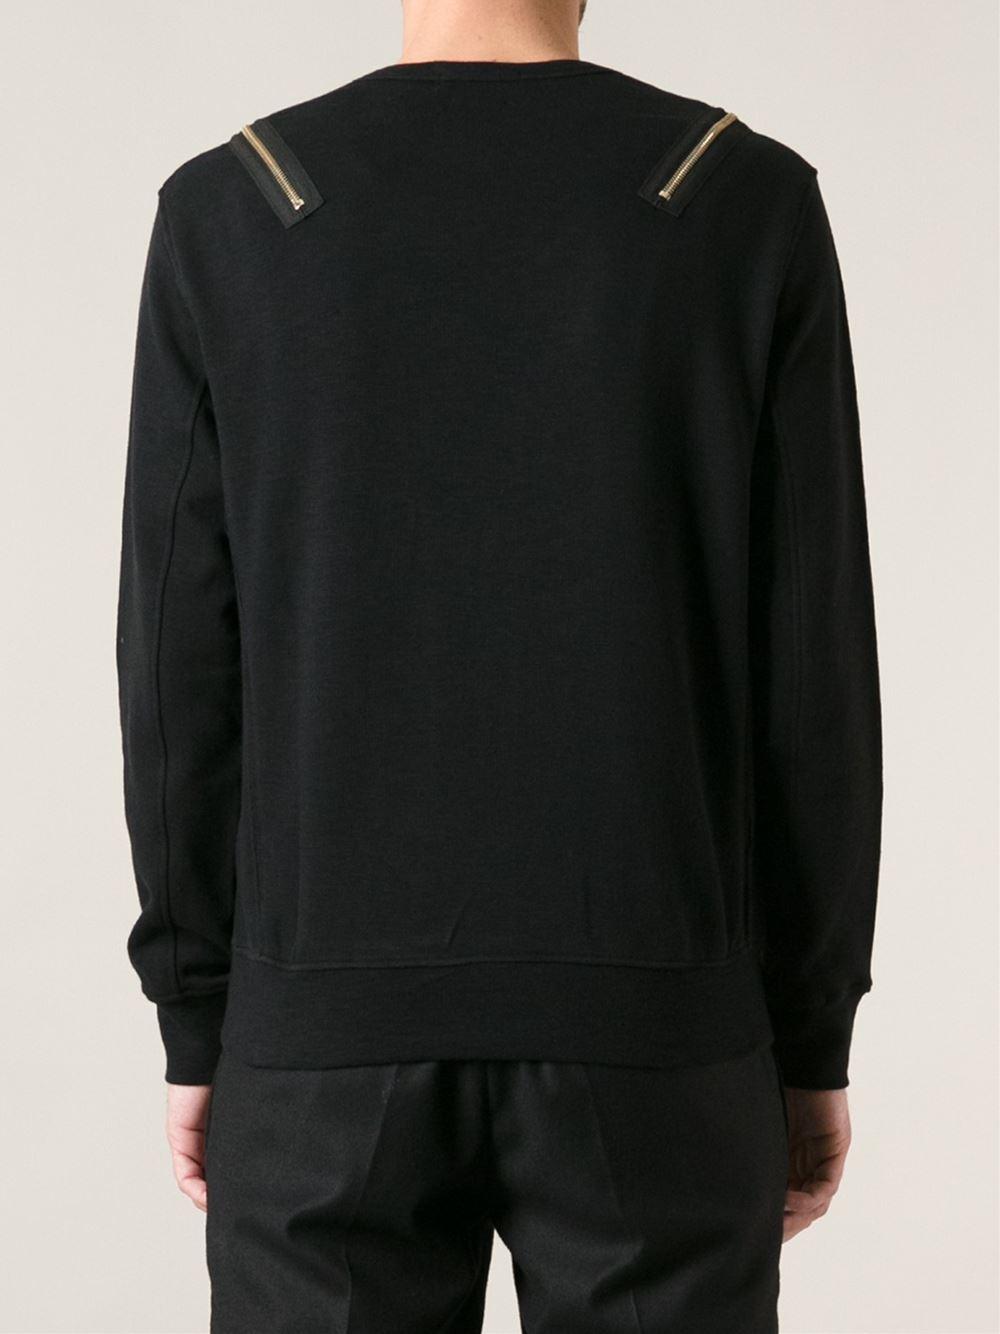 alexander mcqueen zip sweatshirt in black for men lyst. Black Bedroom Furniture Sets. Home Design Ideas